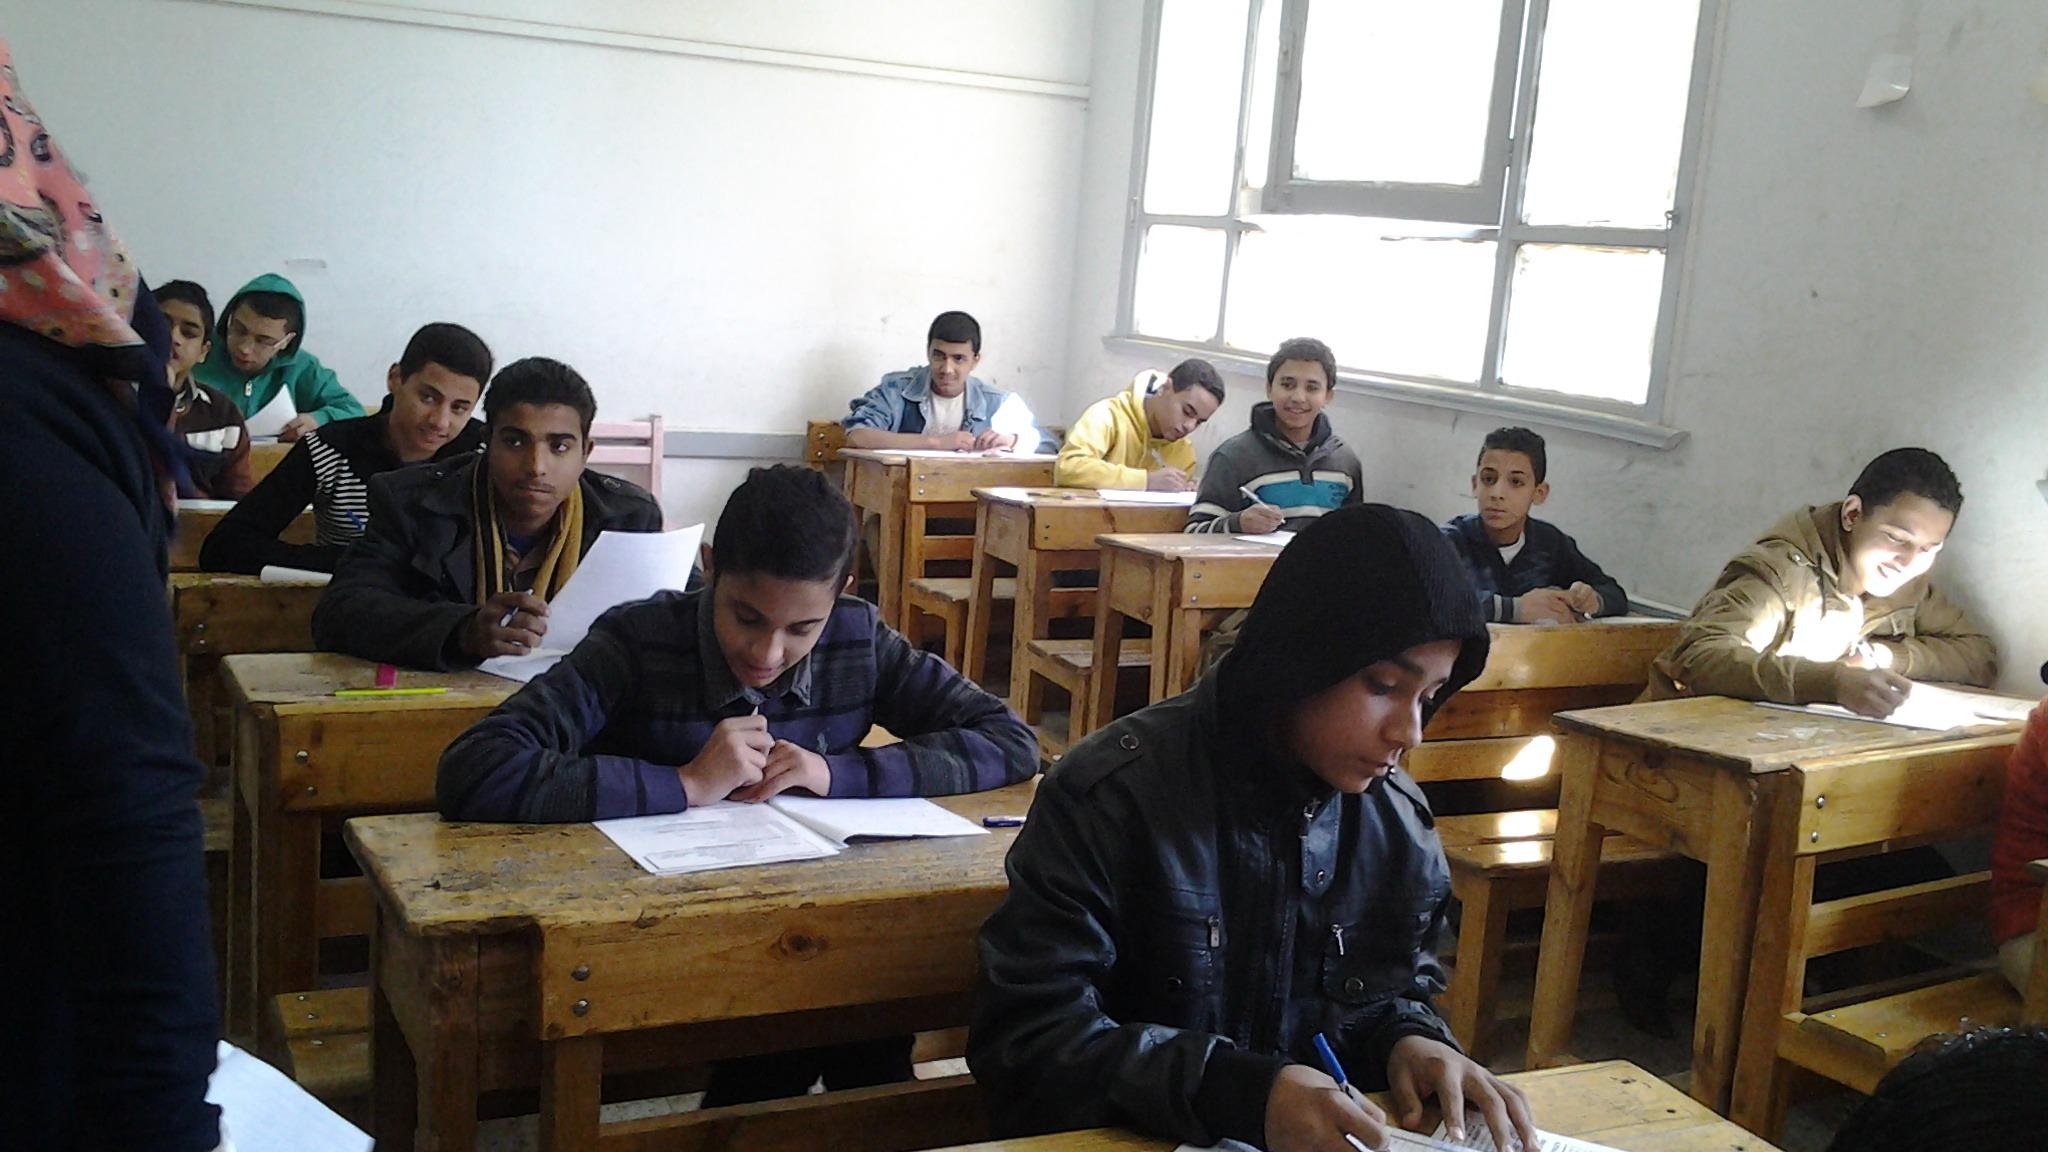 تسريب امتحان الفيزياء لطلاب الثانوية الفنية